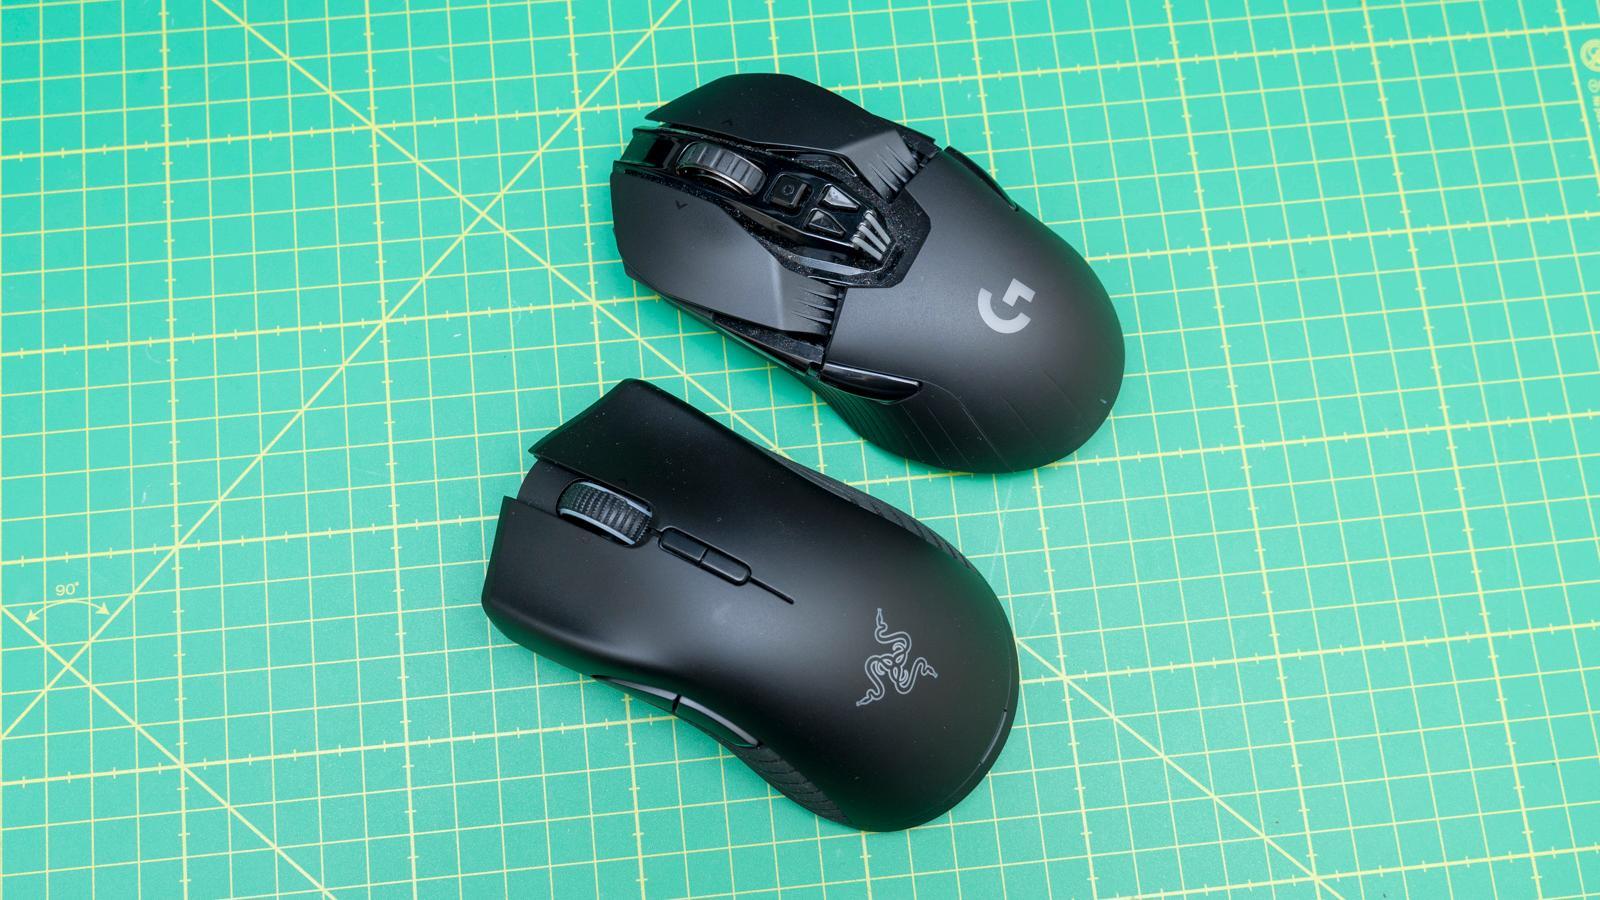 Logitech G903 (øverst) er laget for begge hender, har litt flere knapper og fungerer etter undertegnedes mening bedre i klogrepet. Razer Mamba Hyperflux er lettere, har to knapper mindre, men er ergonomisk utformet for høyre hånd og ligger bedre i fullhåndsgrep.